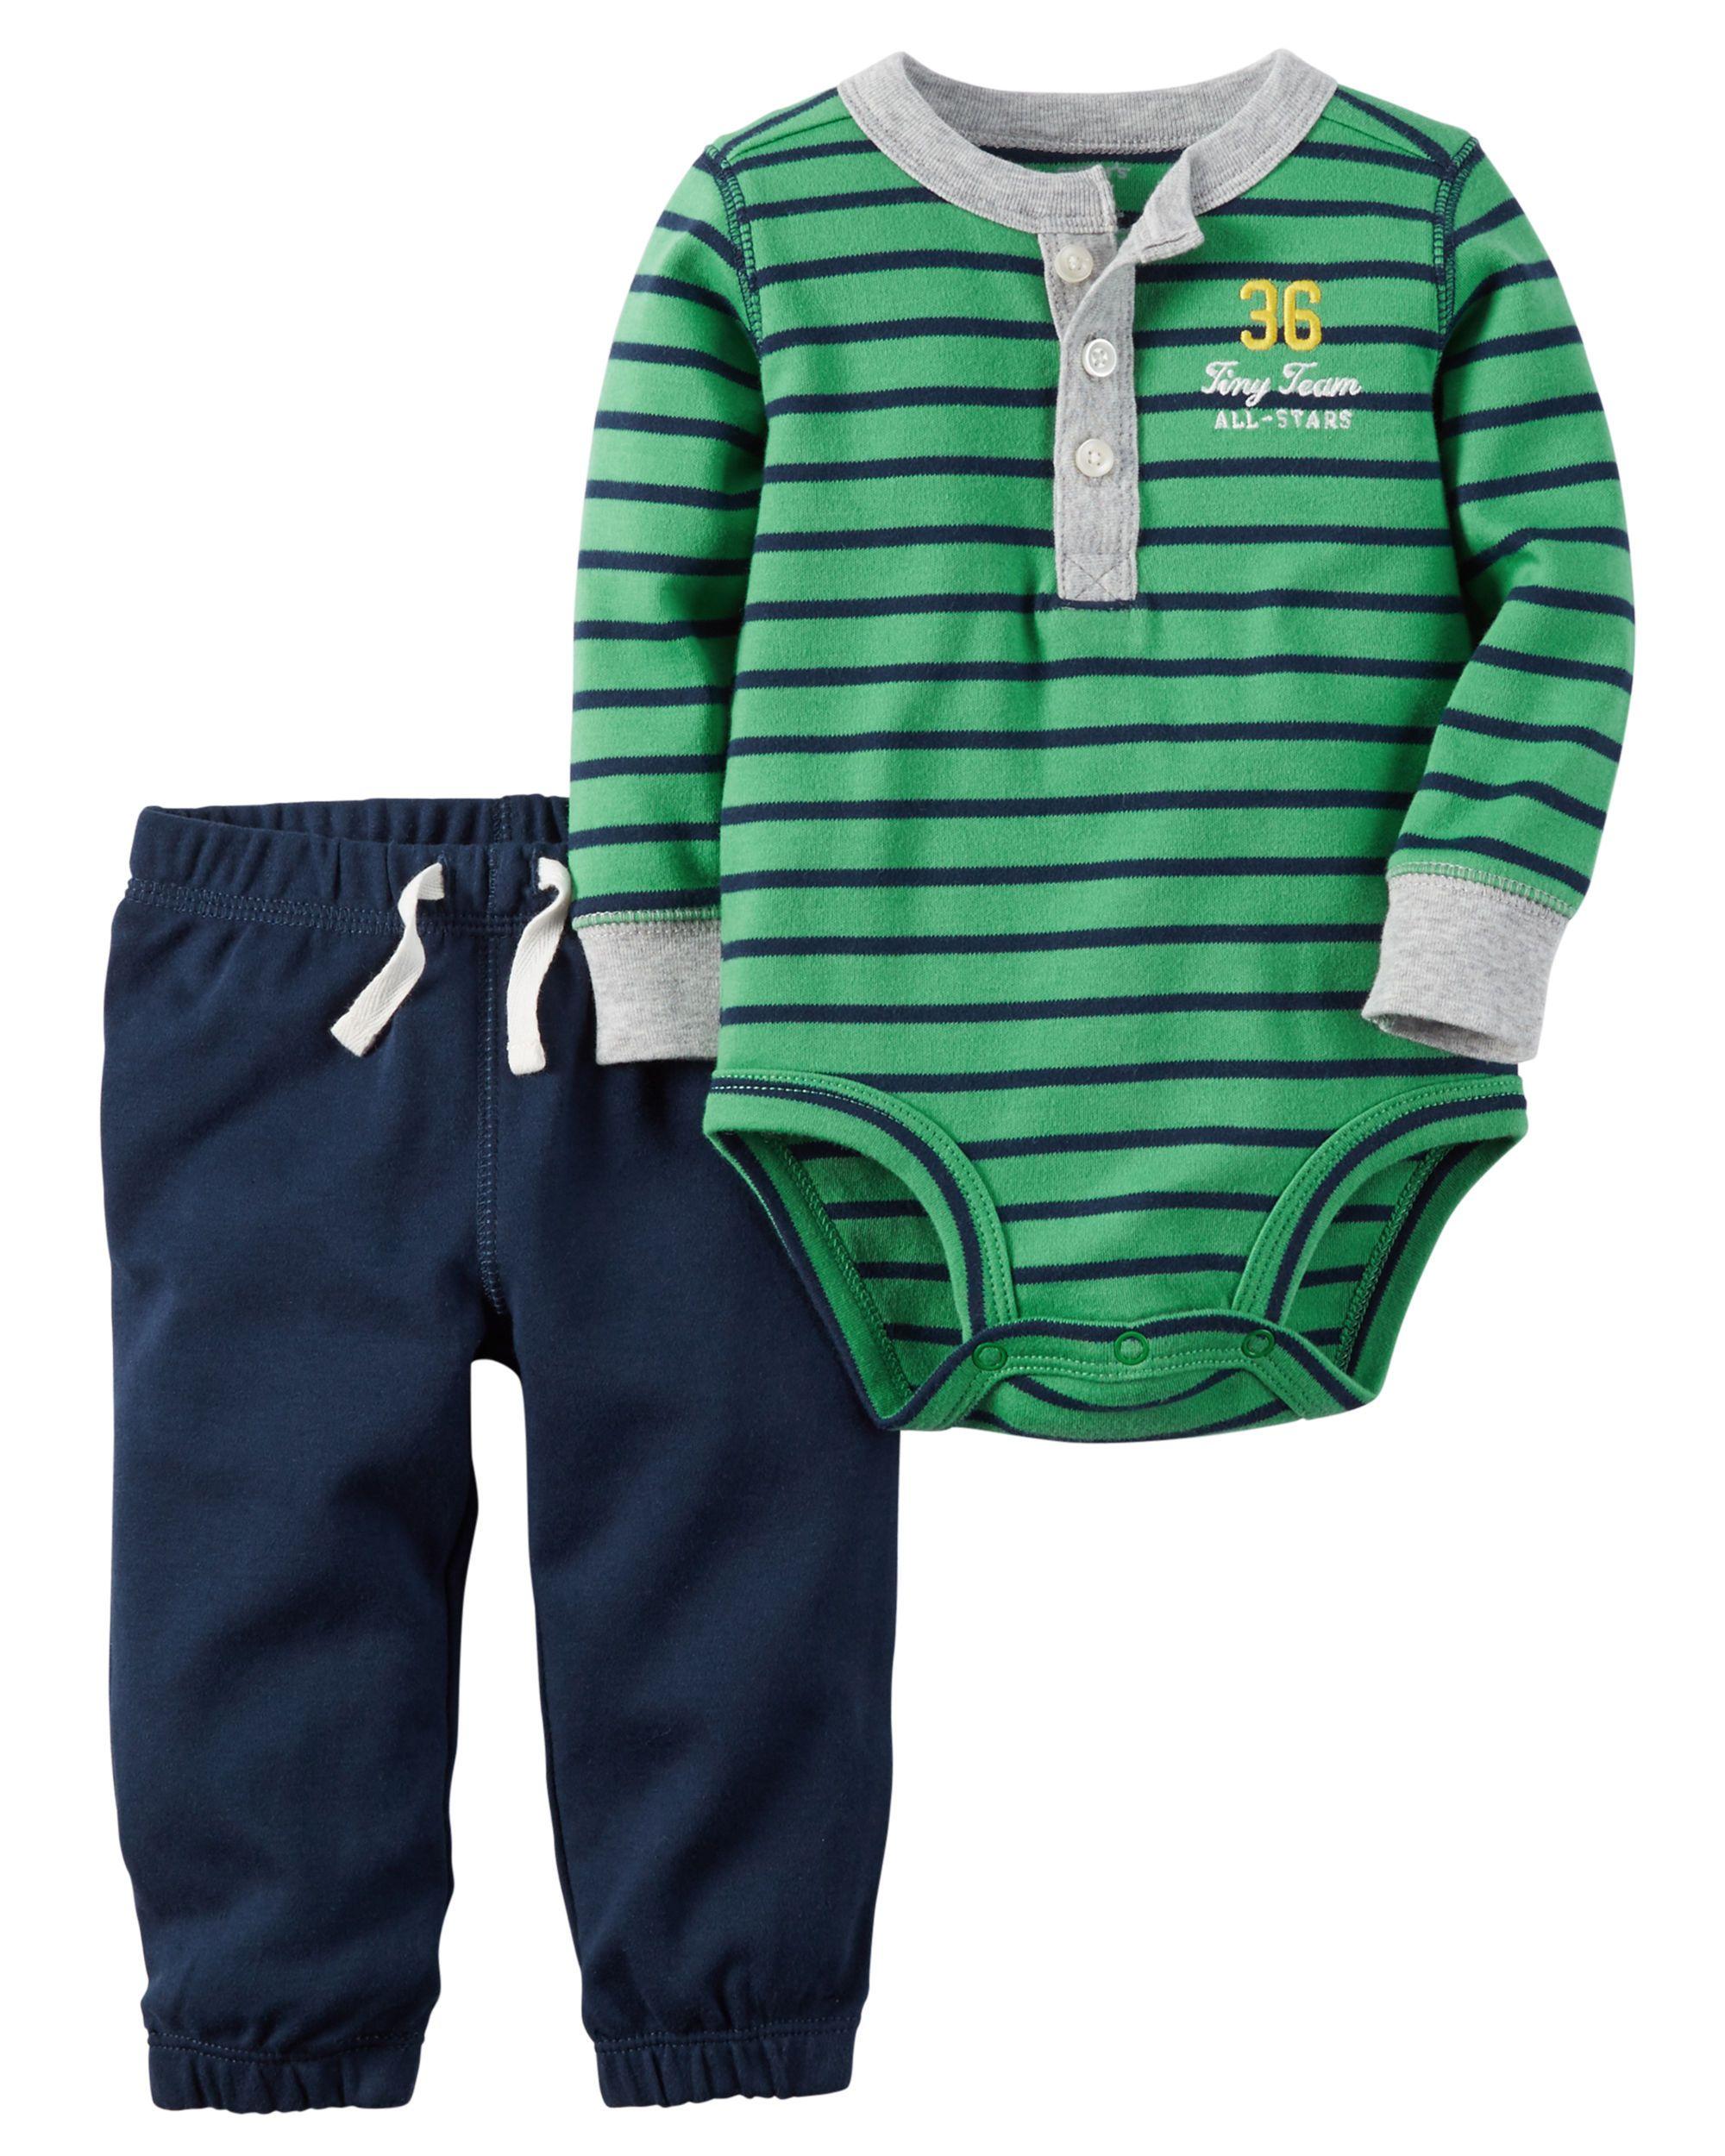 2 Piece Bodysuit & Pant Set